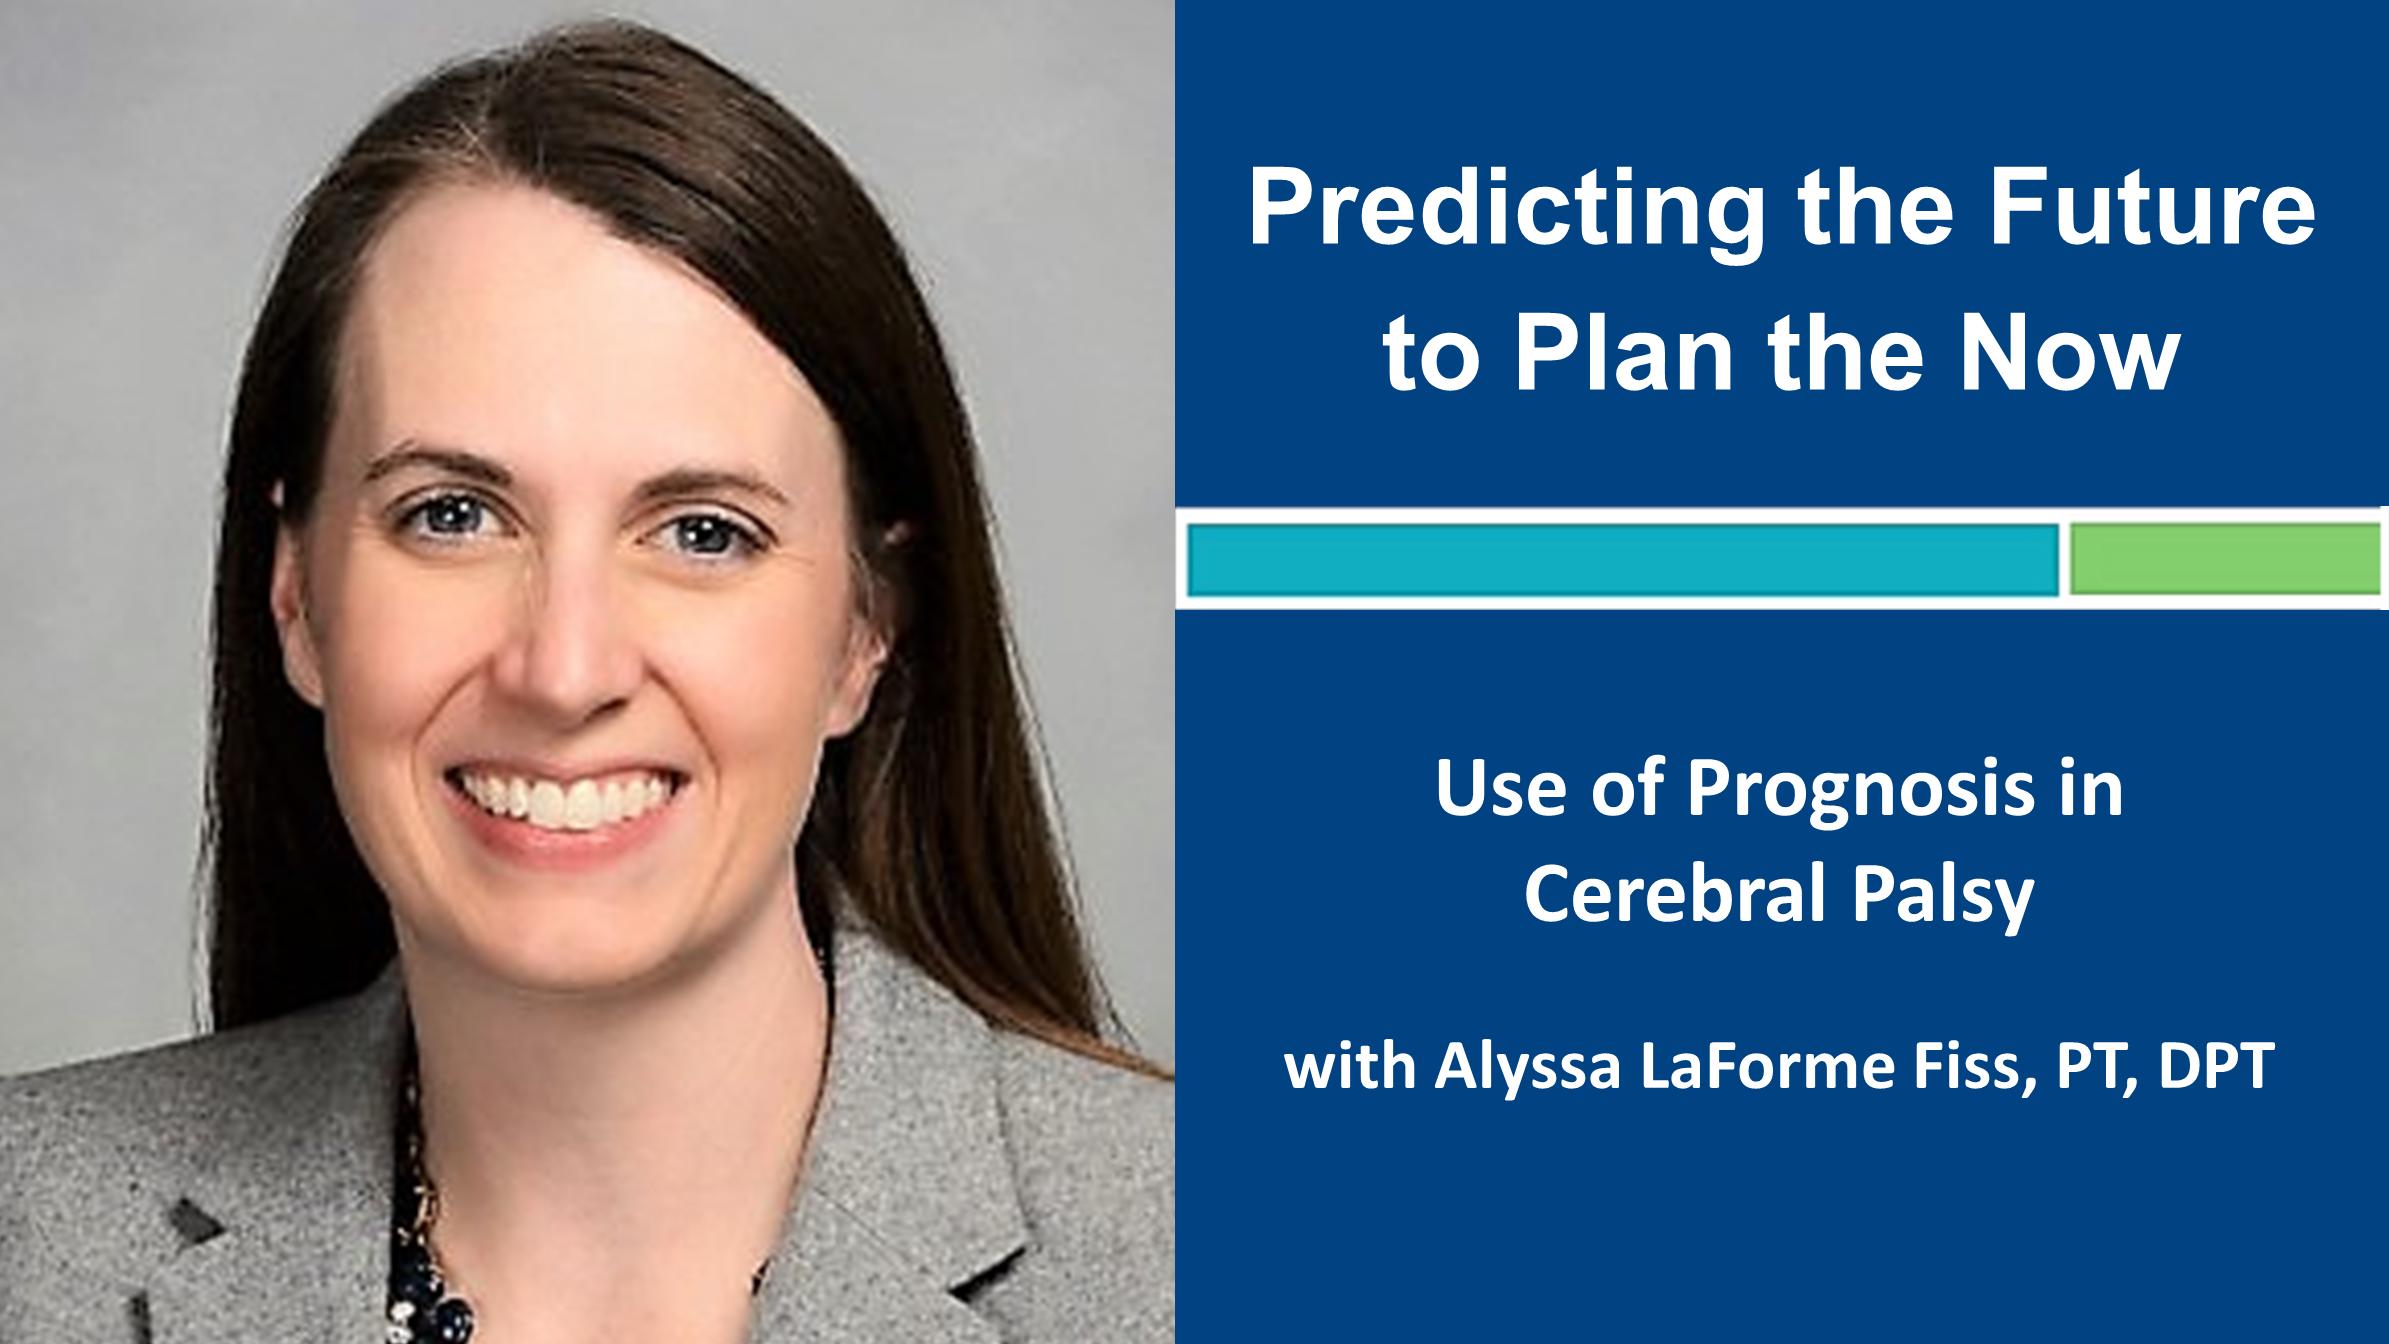 Webinar 2: Cerebral Palsy with Alyssa LaForme Fiss, PT, PhD